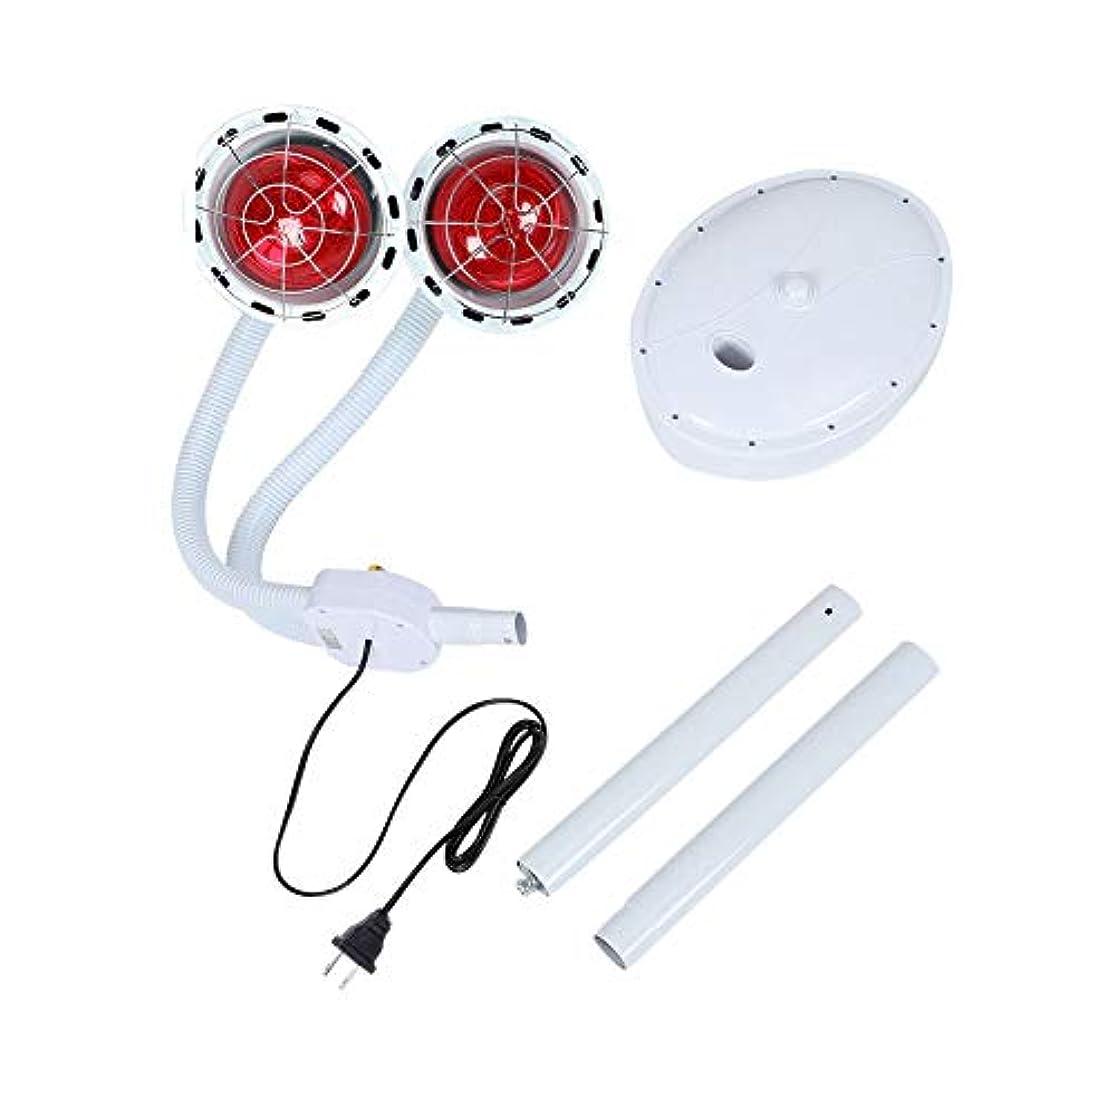 上級一緒にハンサム赤外線電灯 ダブルヘッド 270W ライト調節可能 療法ヒートランプセット 睡眠改善 関節痛みを軽減 ボディケア 家庭 健康 介護用 理学療法肌美容兼用